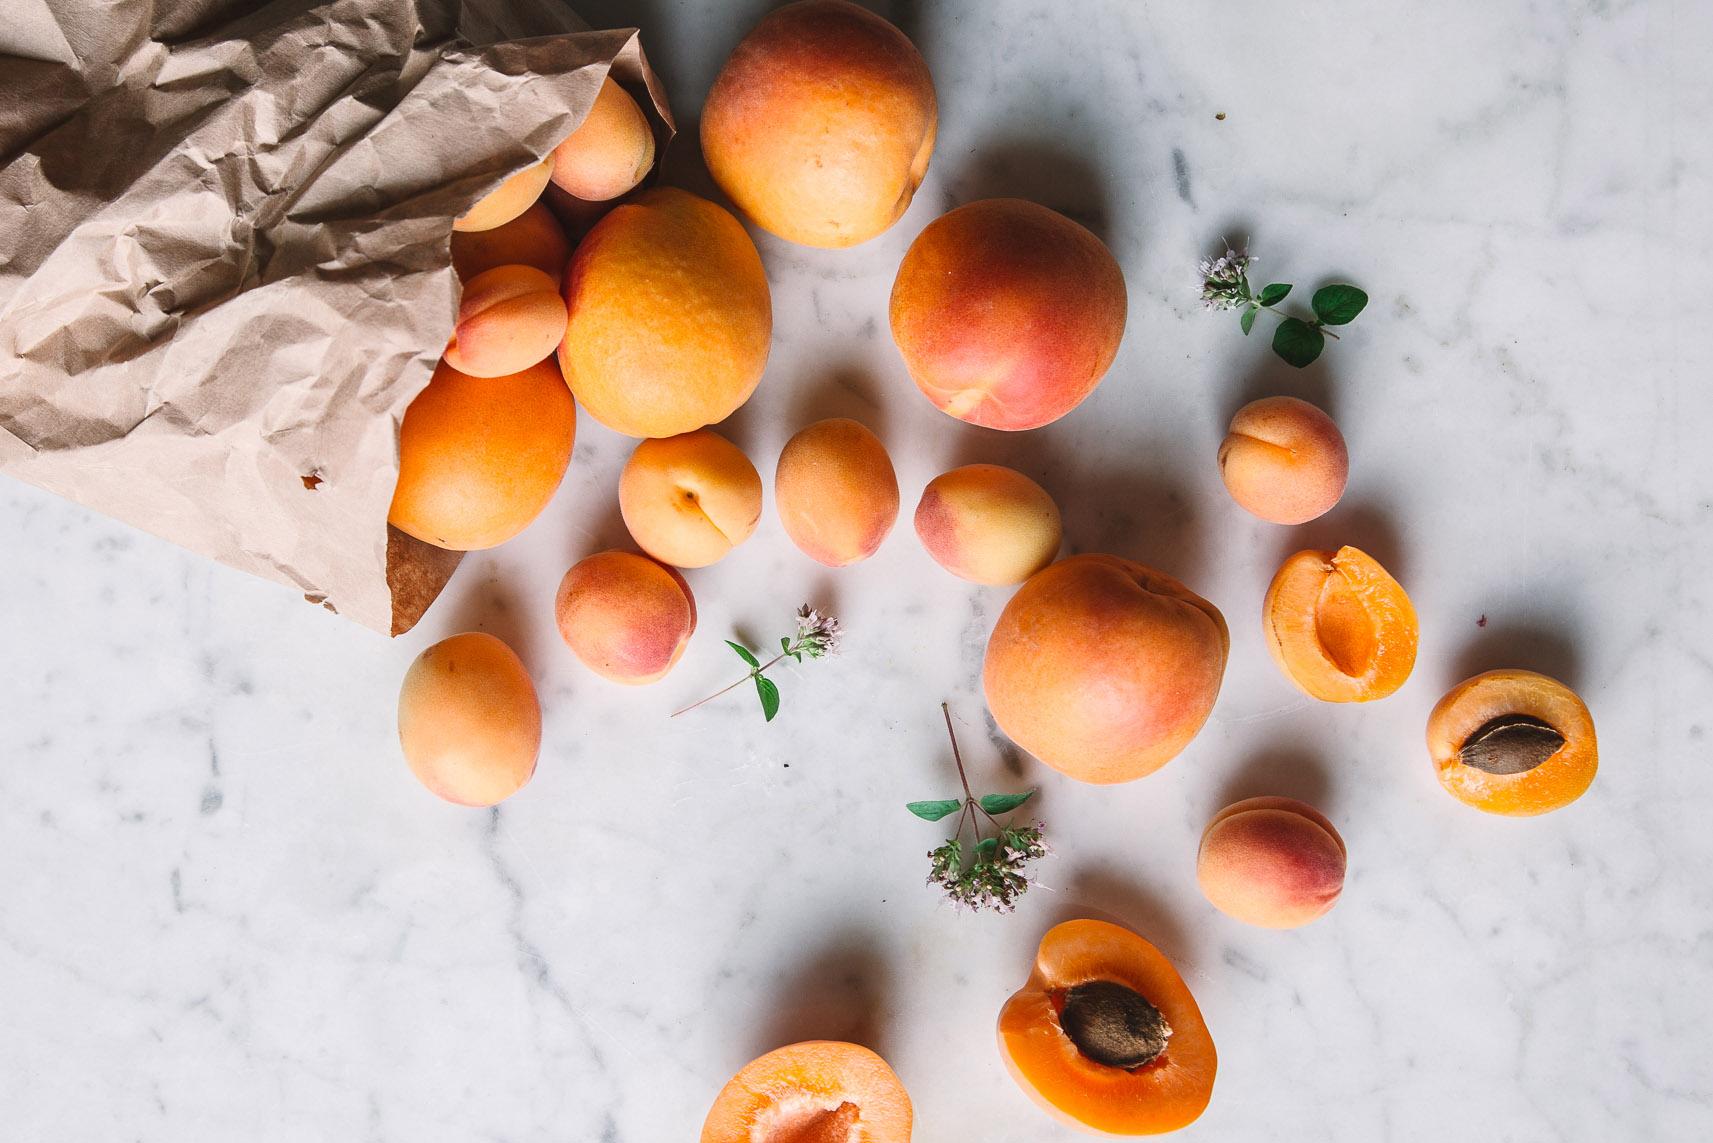 Aprikosen in Papiertüte und auf Marmortisch